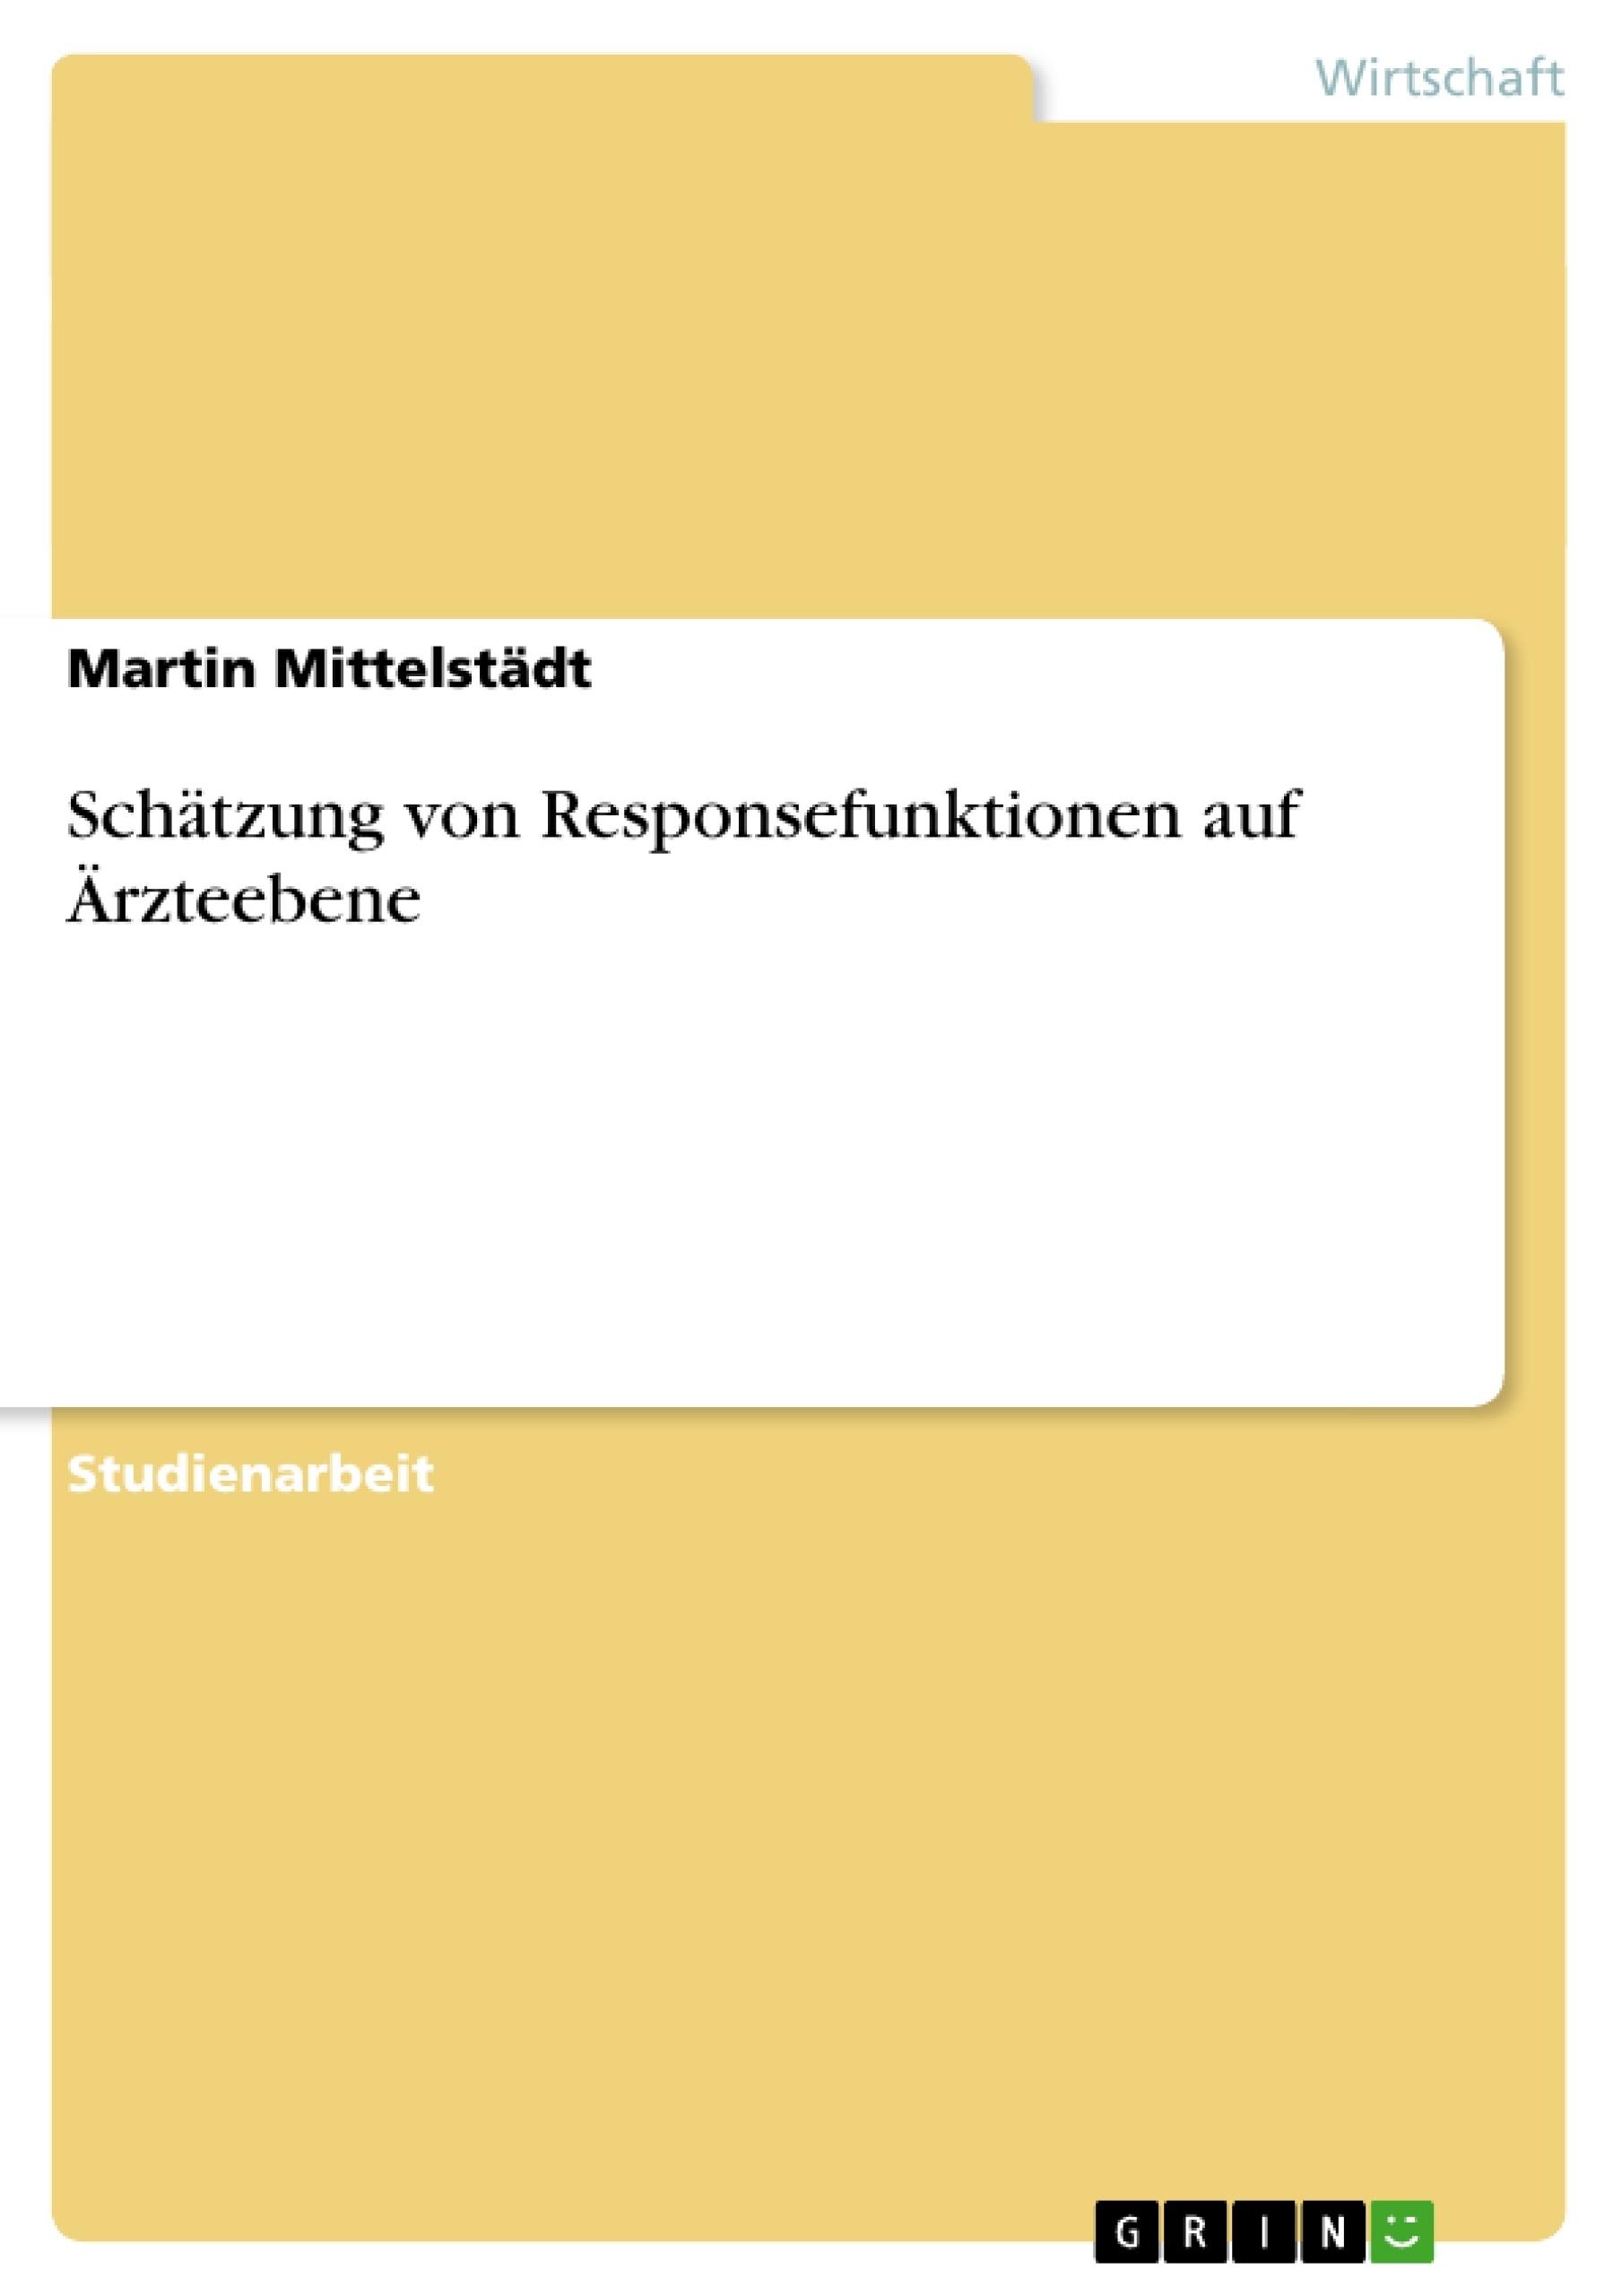 Titel: Schätzung von Responsefunktionen auf Ärzteebene